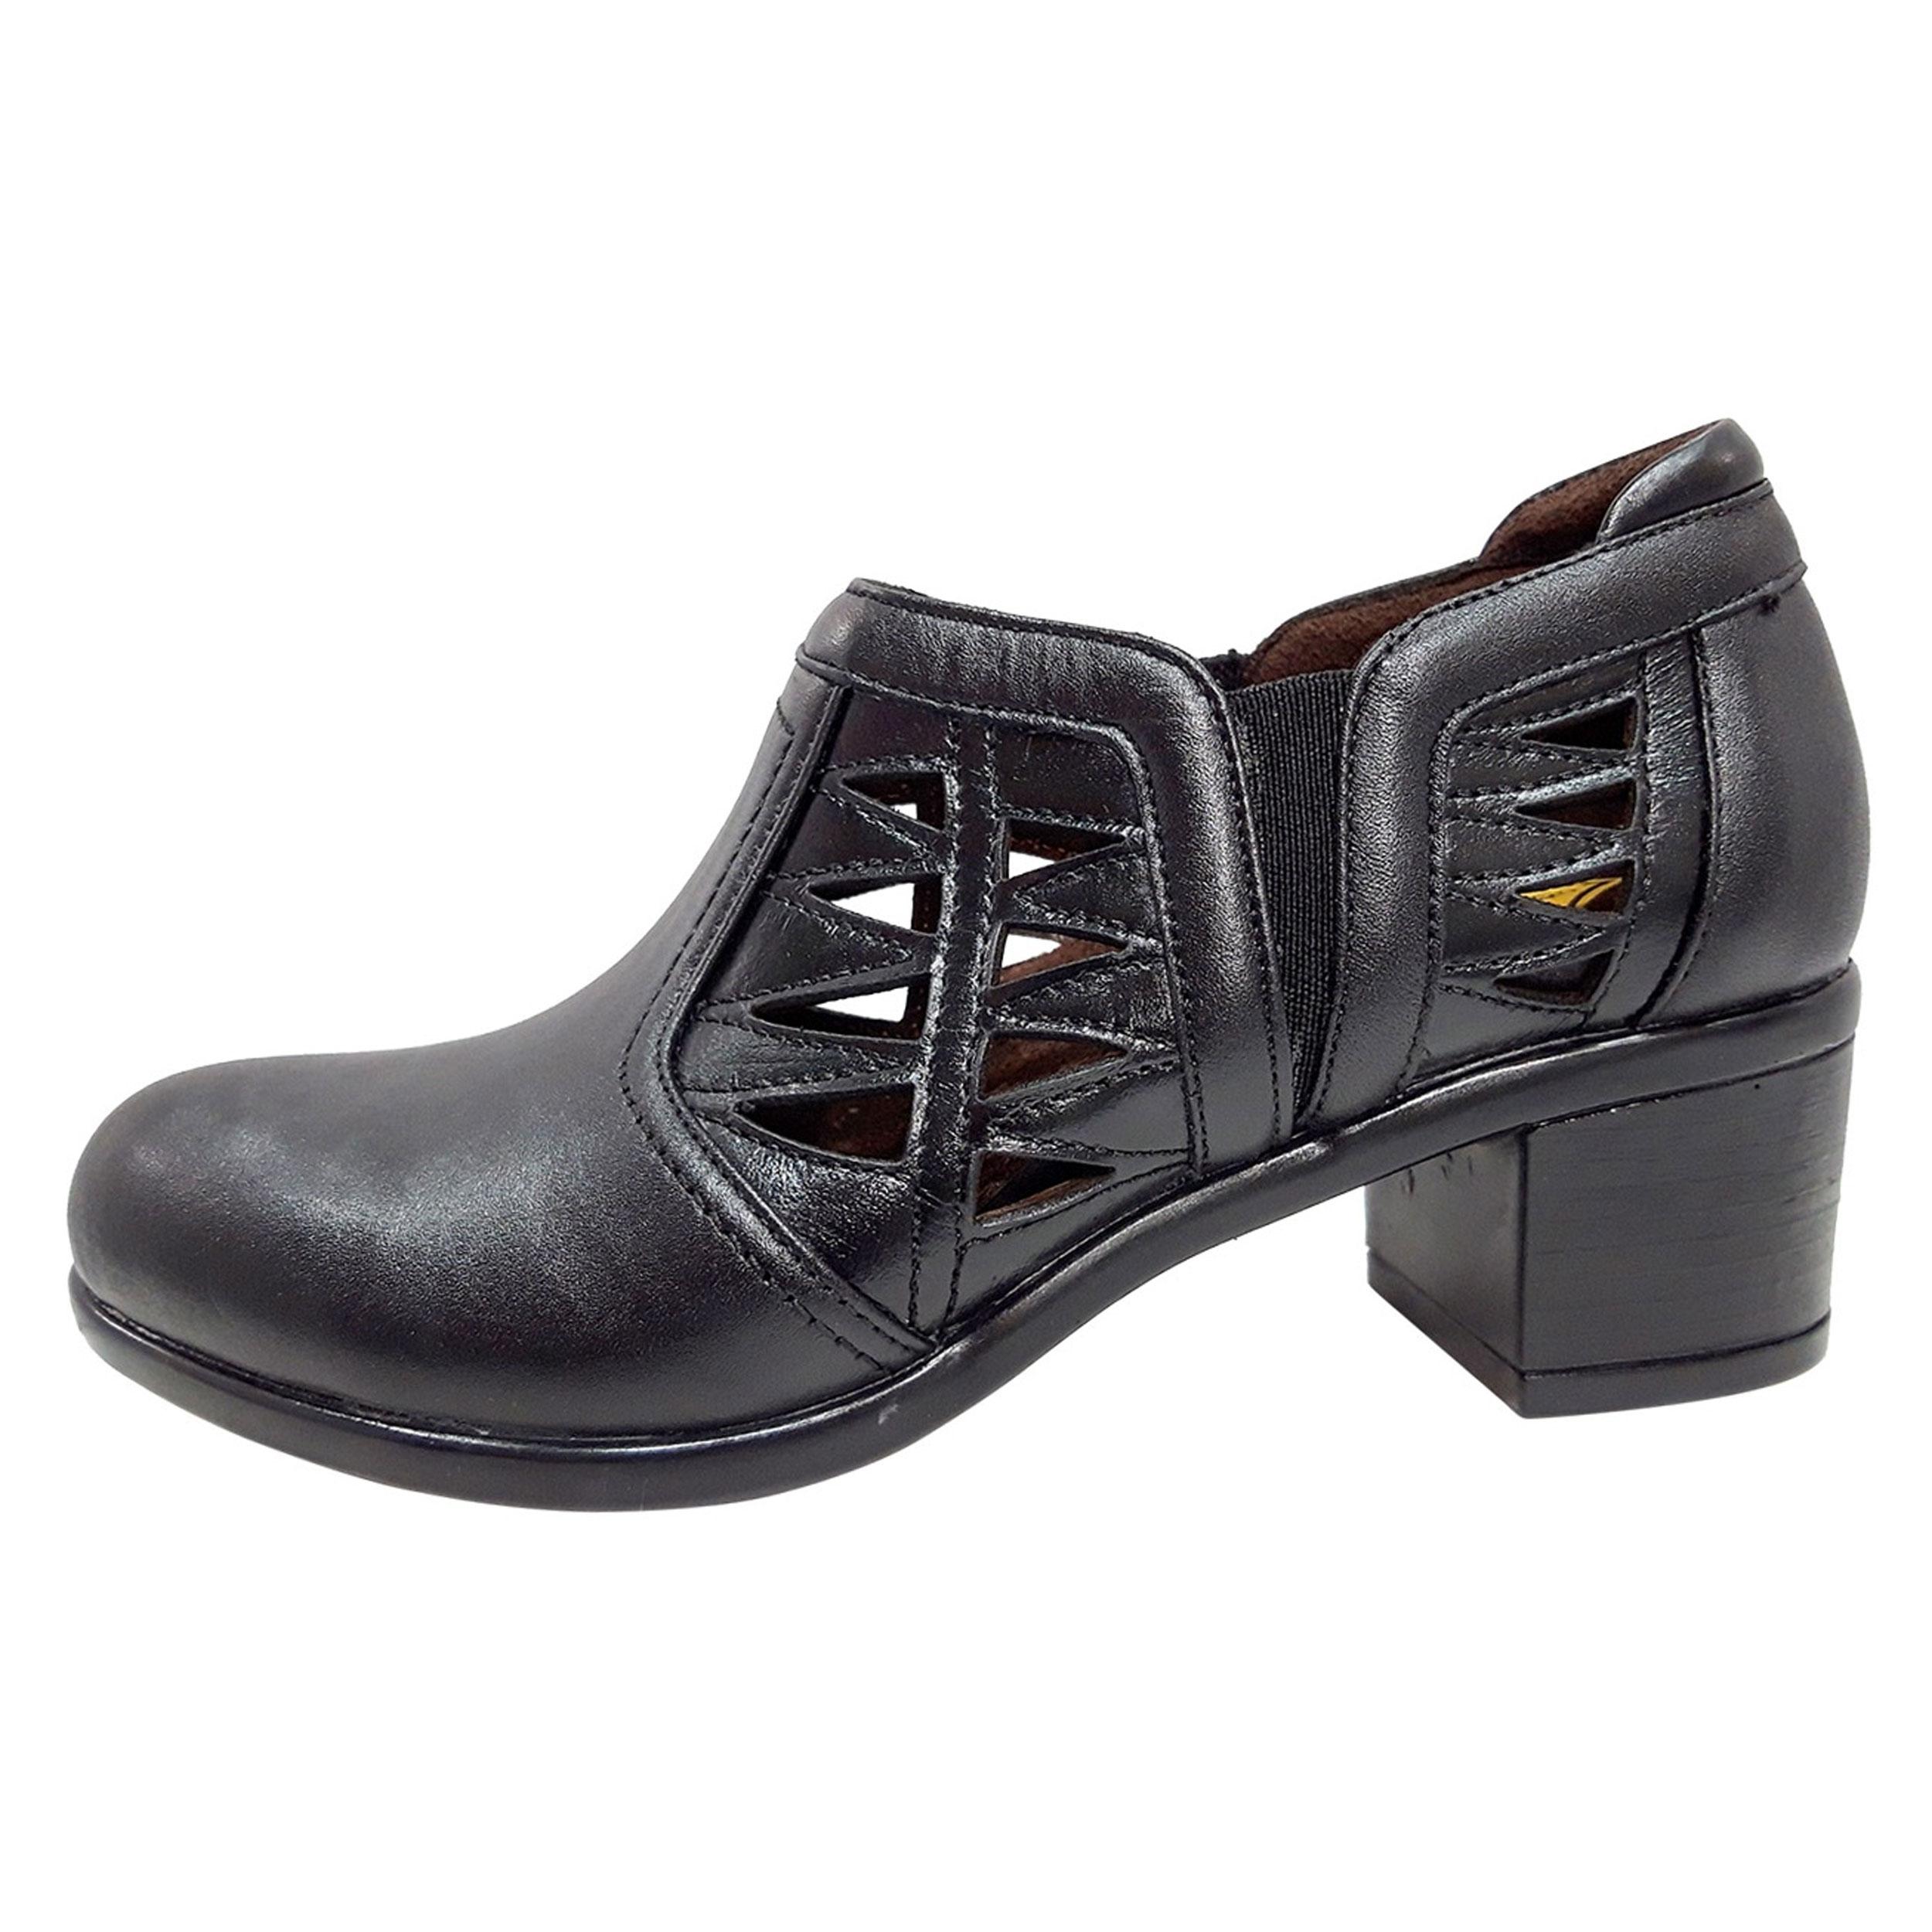 خرید                      کفش زنانه روشن مدل خانمی کد 01